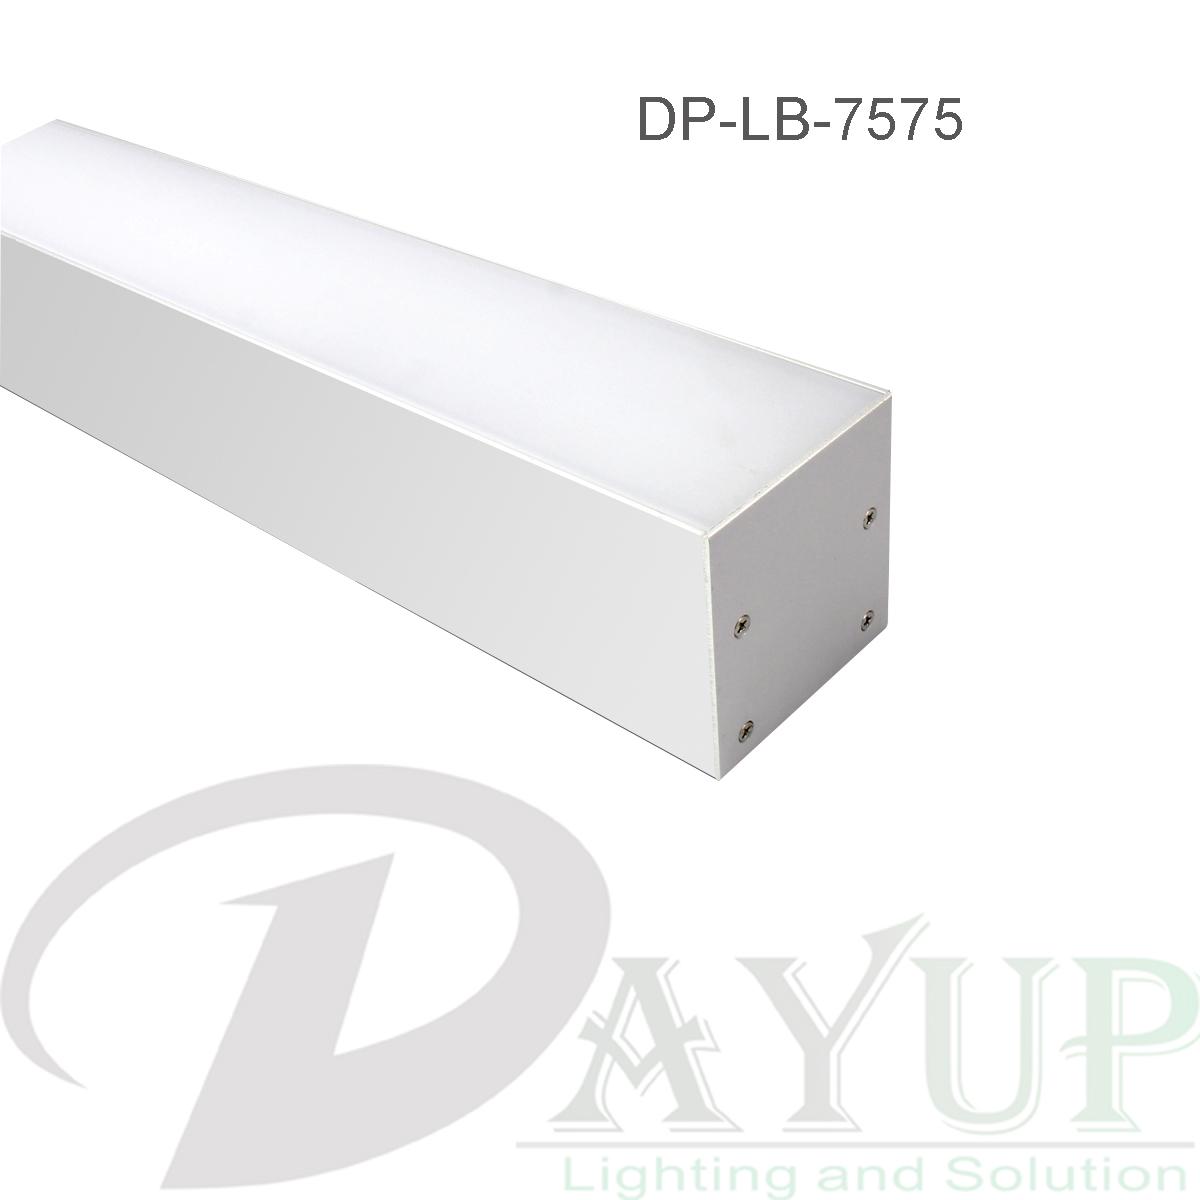 DP-LB-7575-24V